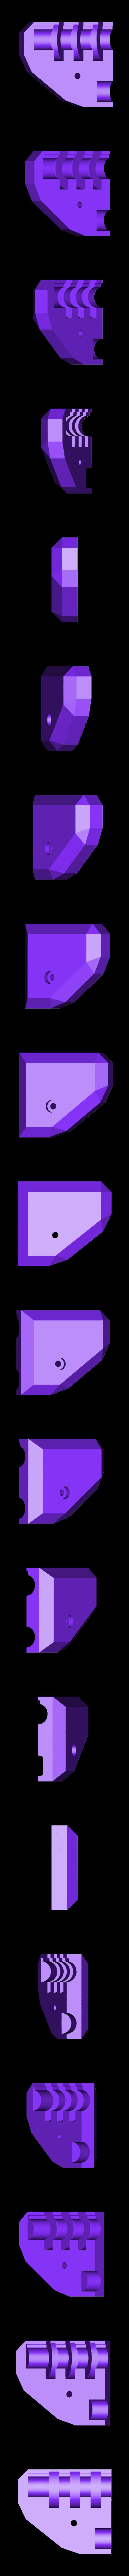 3Top.stl Télécharger fichier STL gratuit Kit de verrouillage de permutation personnalisable (verrouillage à combinaison) • Objet pour impression 3D, plasticpasta